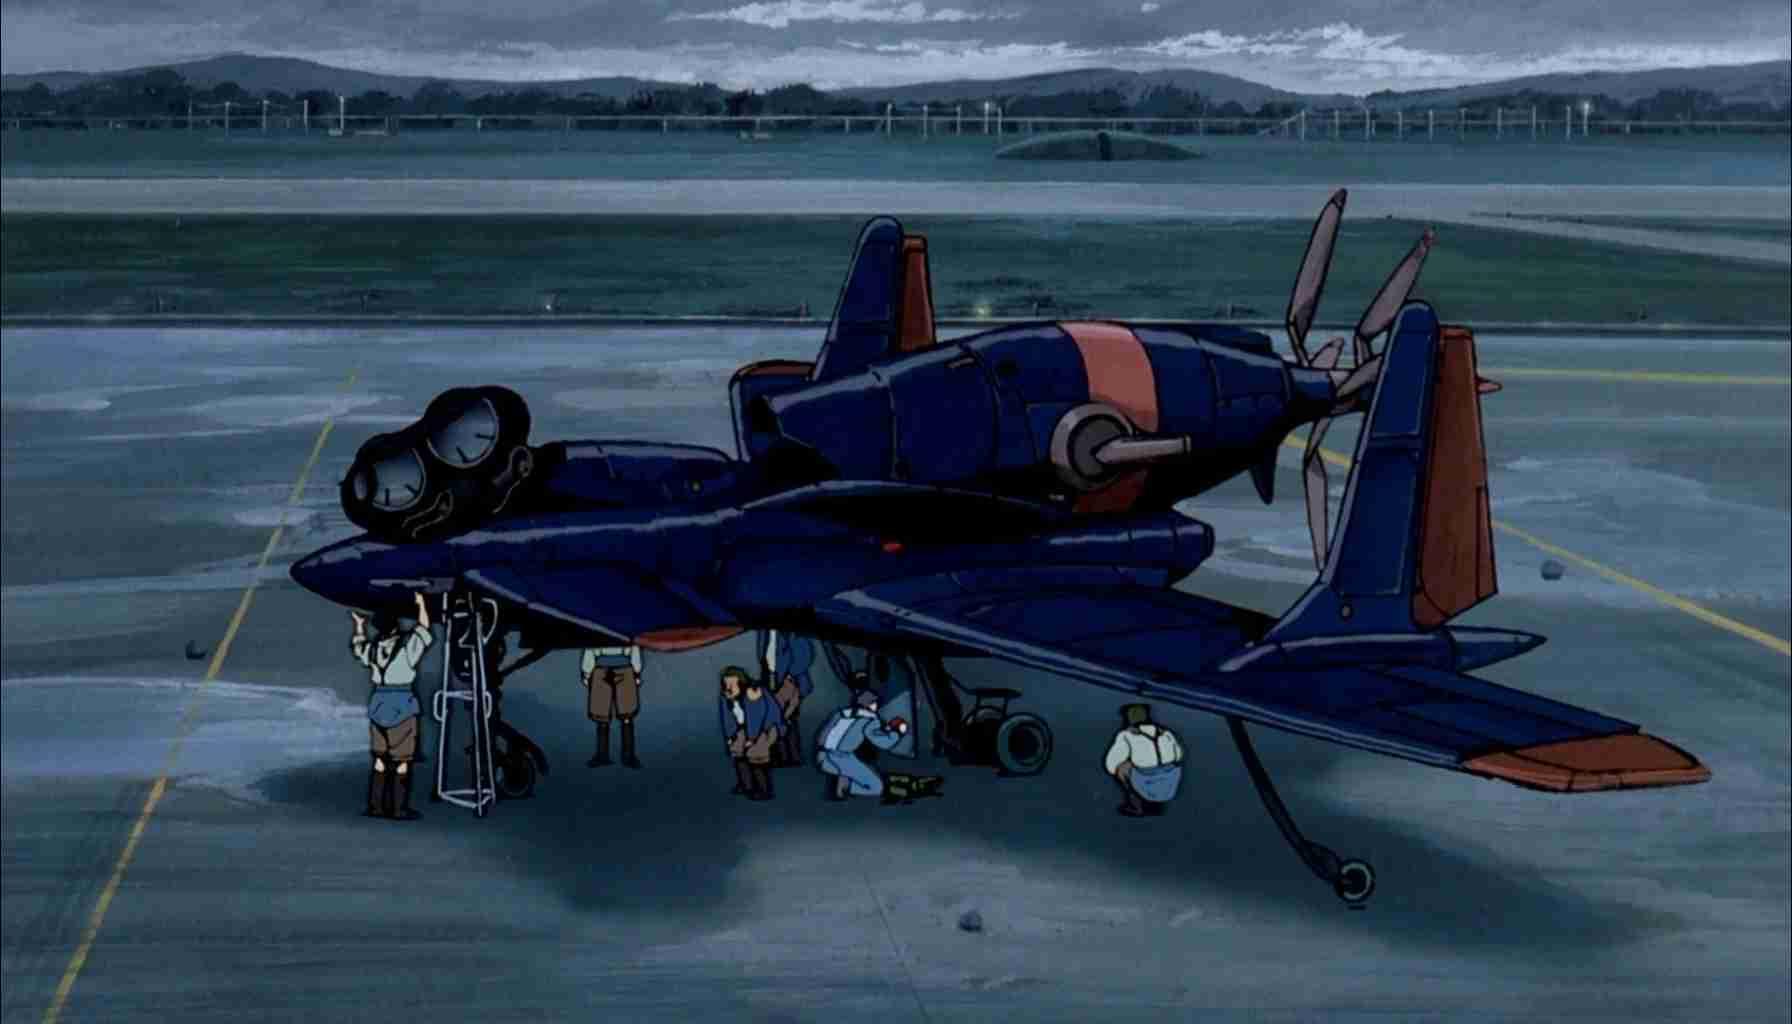 漫画、映画、アニメの異世界の地名きいたことあるものに+